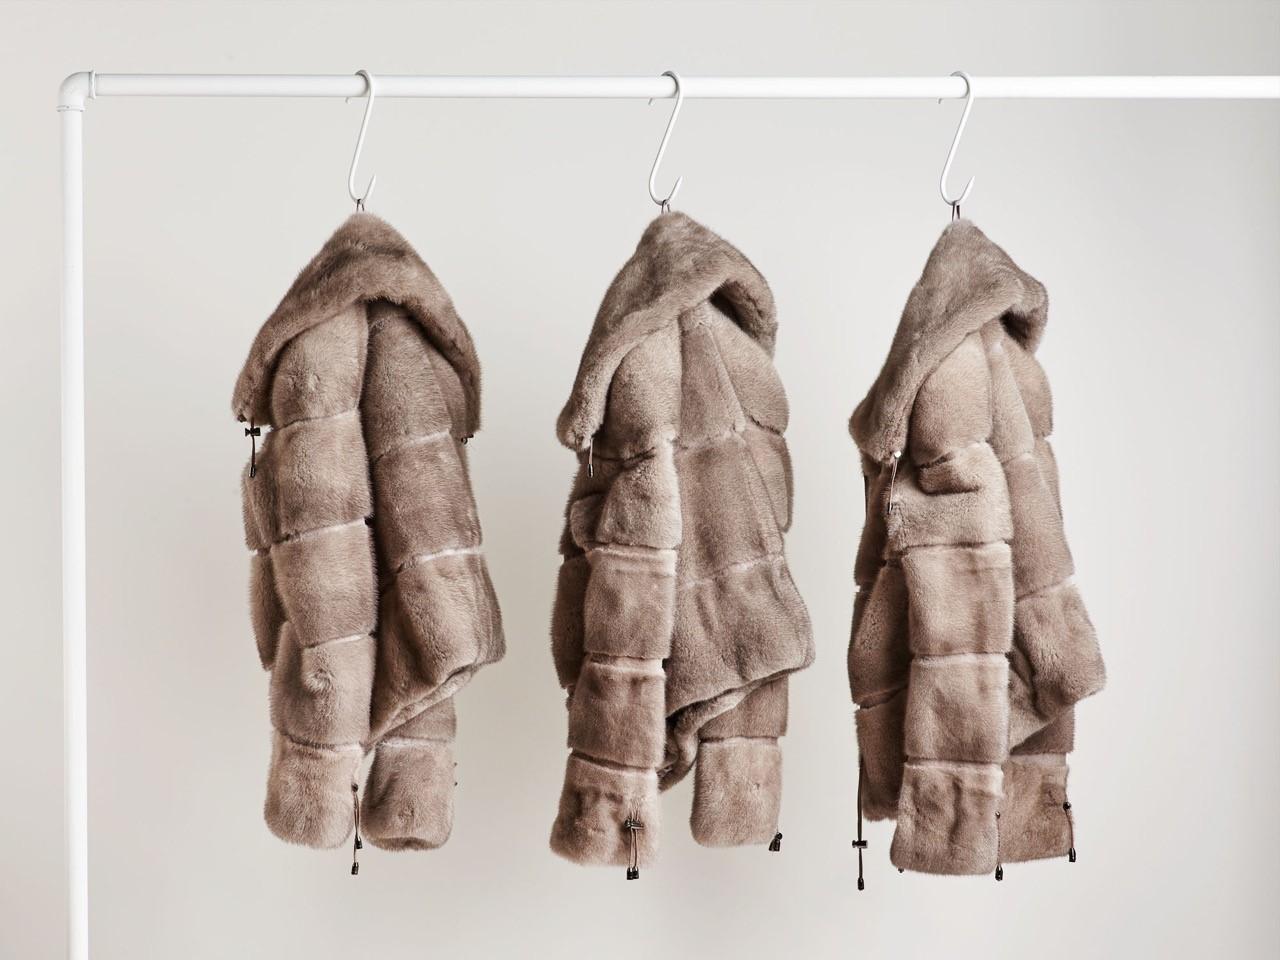 Jetzt Pelze schnell bewerten und verkaufen.